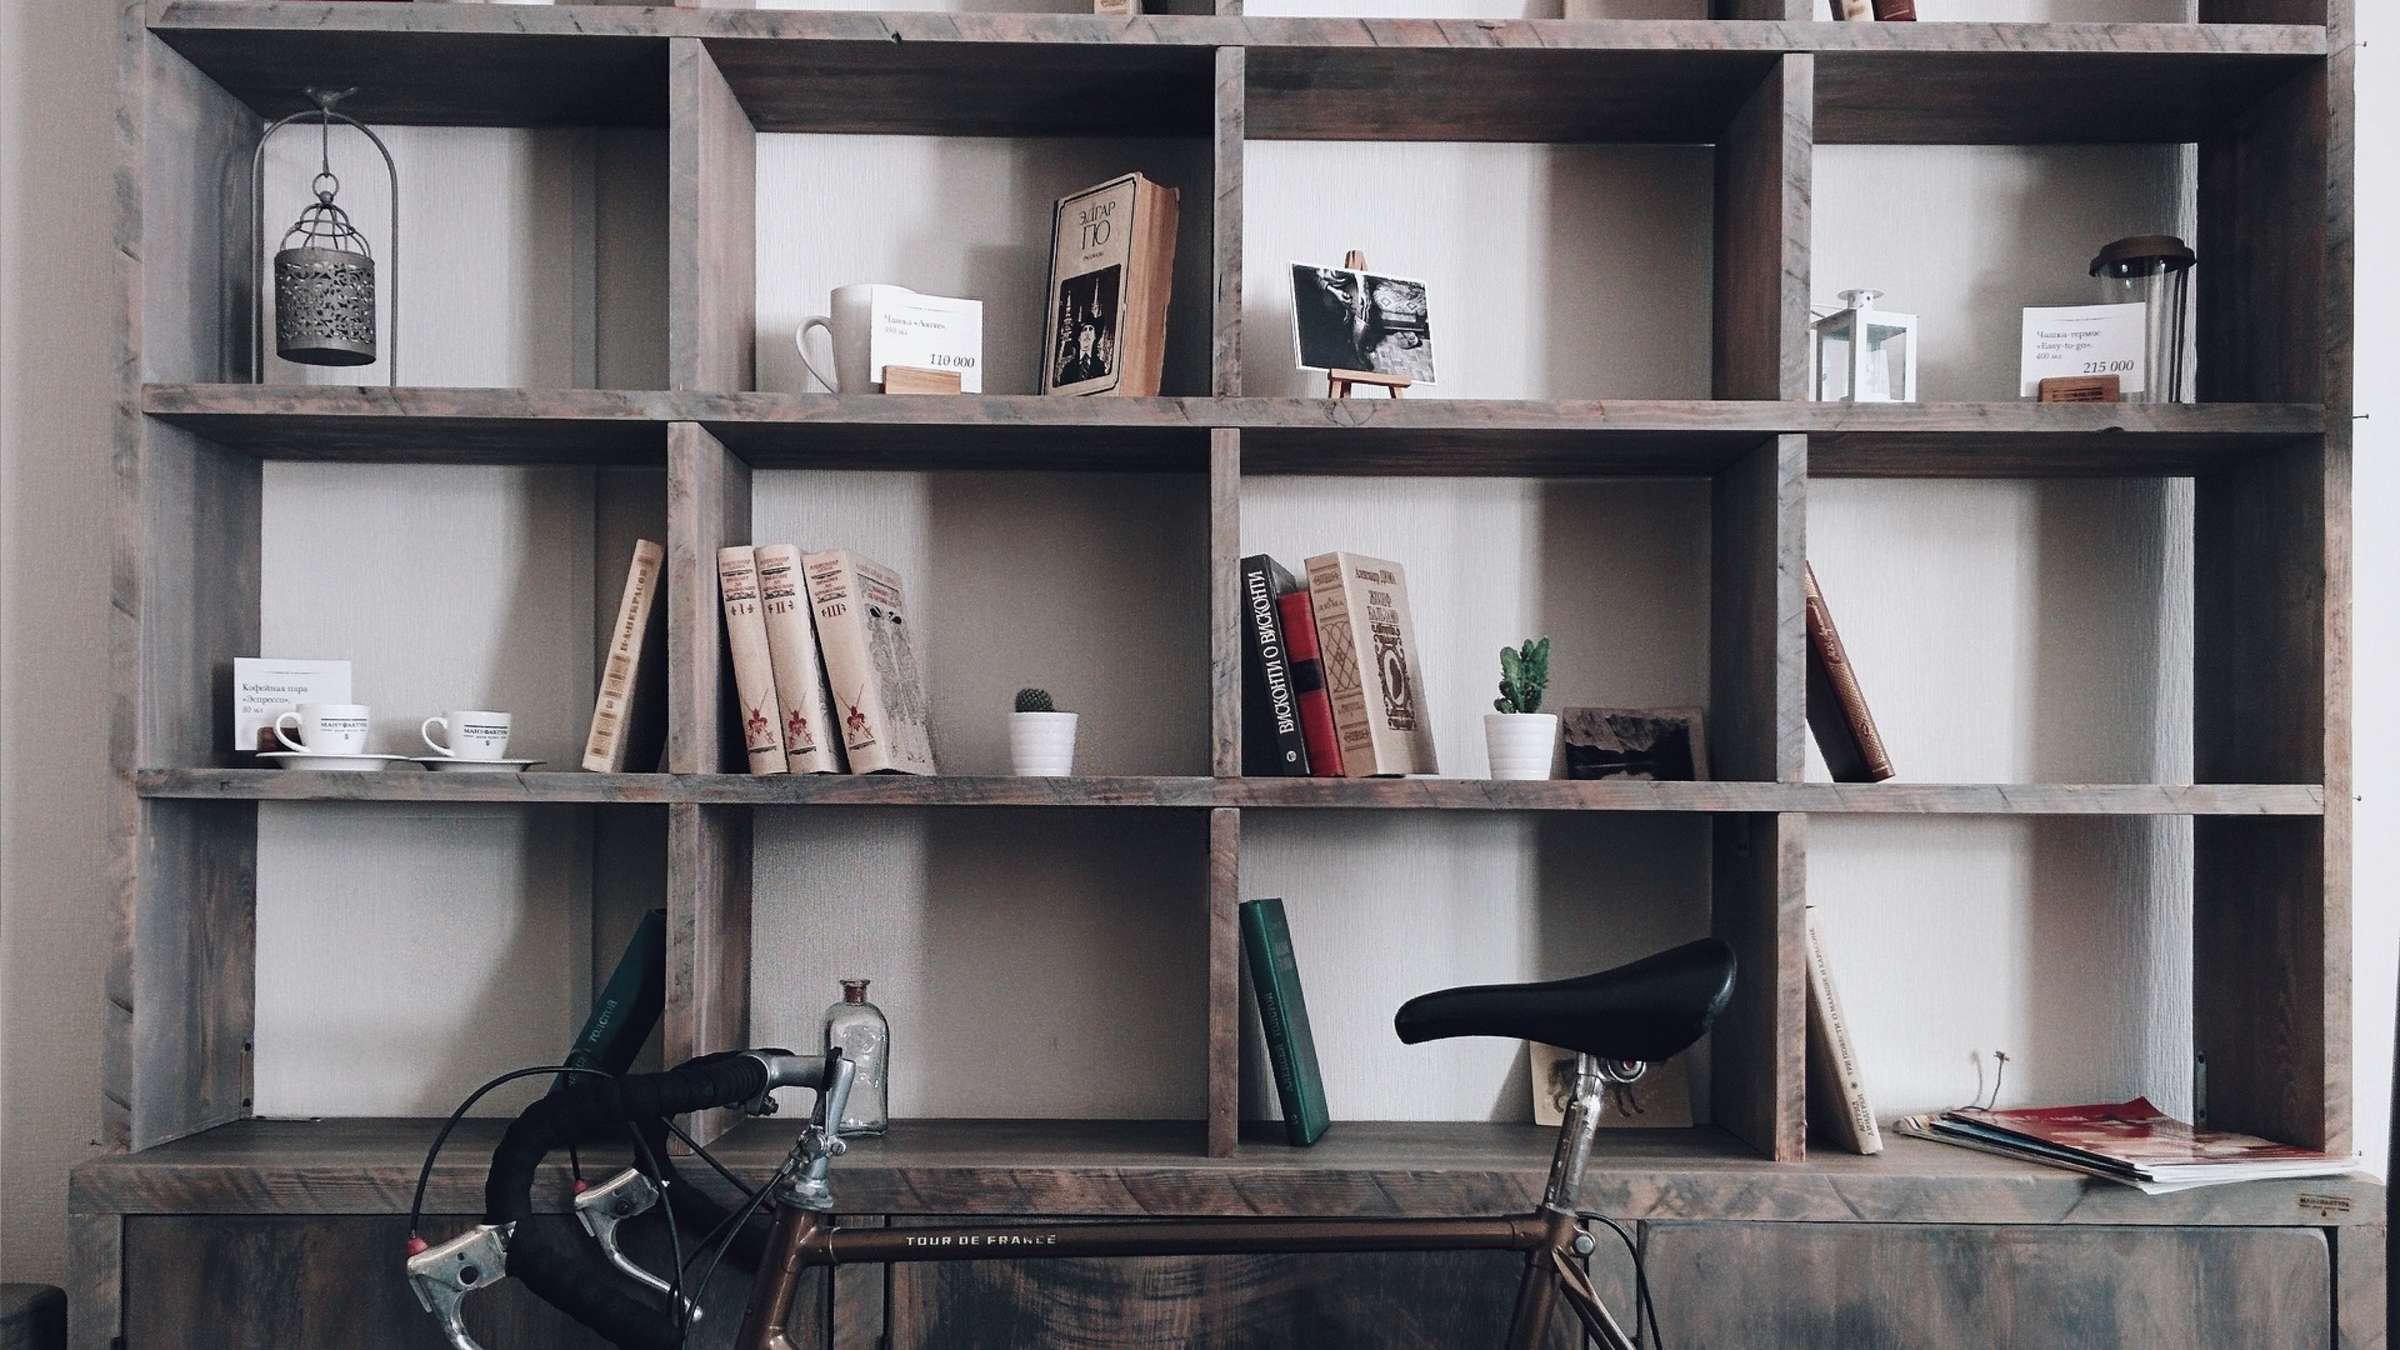 Full Size of Regal Selber Bauen So Funktionierts Wohnen Grau Küche Ikea Kosten Hängeschränke Schreinerküche Kinderzimmer Wandfliesen L Form Gebrauchte Regale Bett Wohnzimmer Regal Küche Selber Bauen